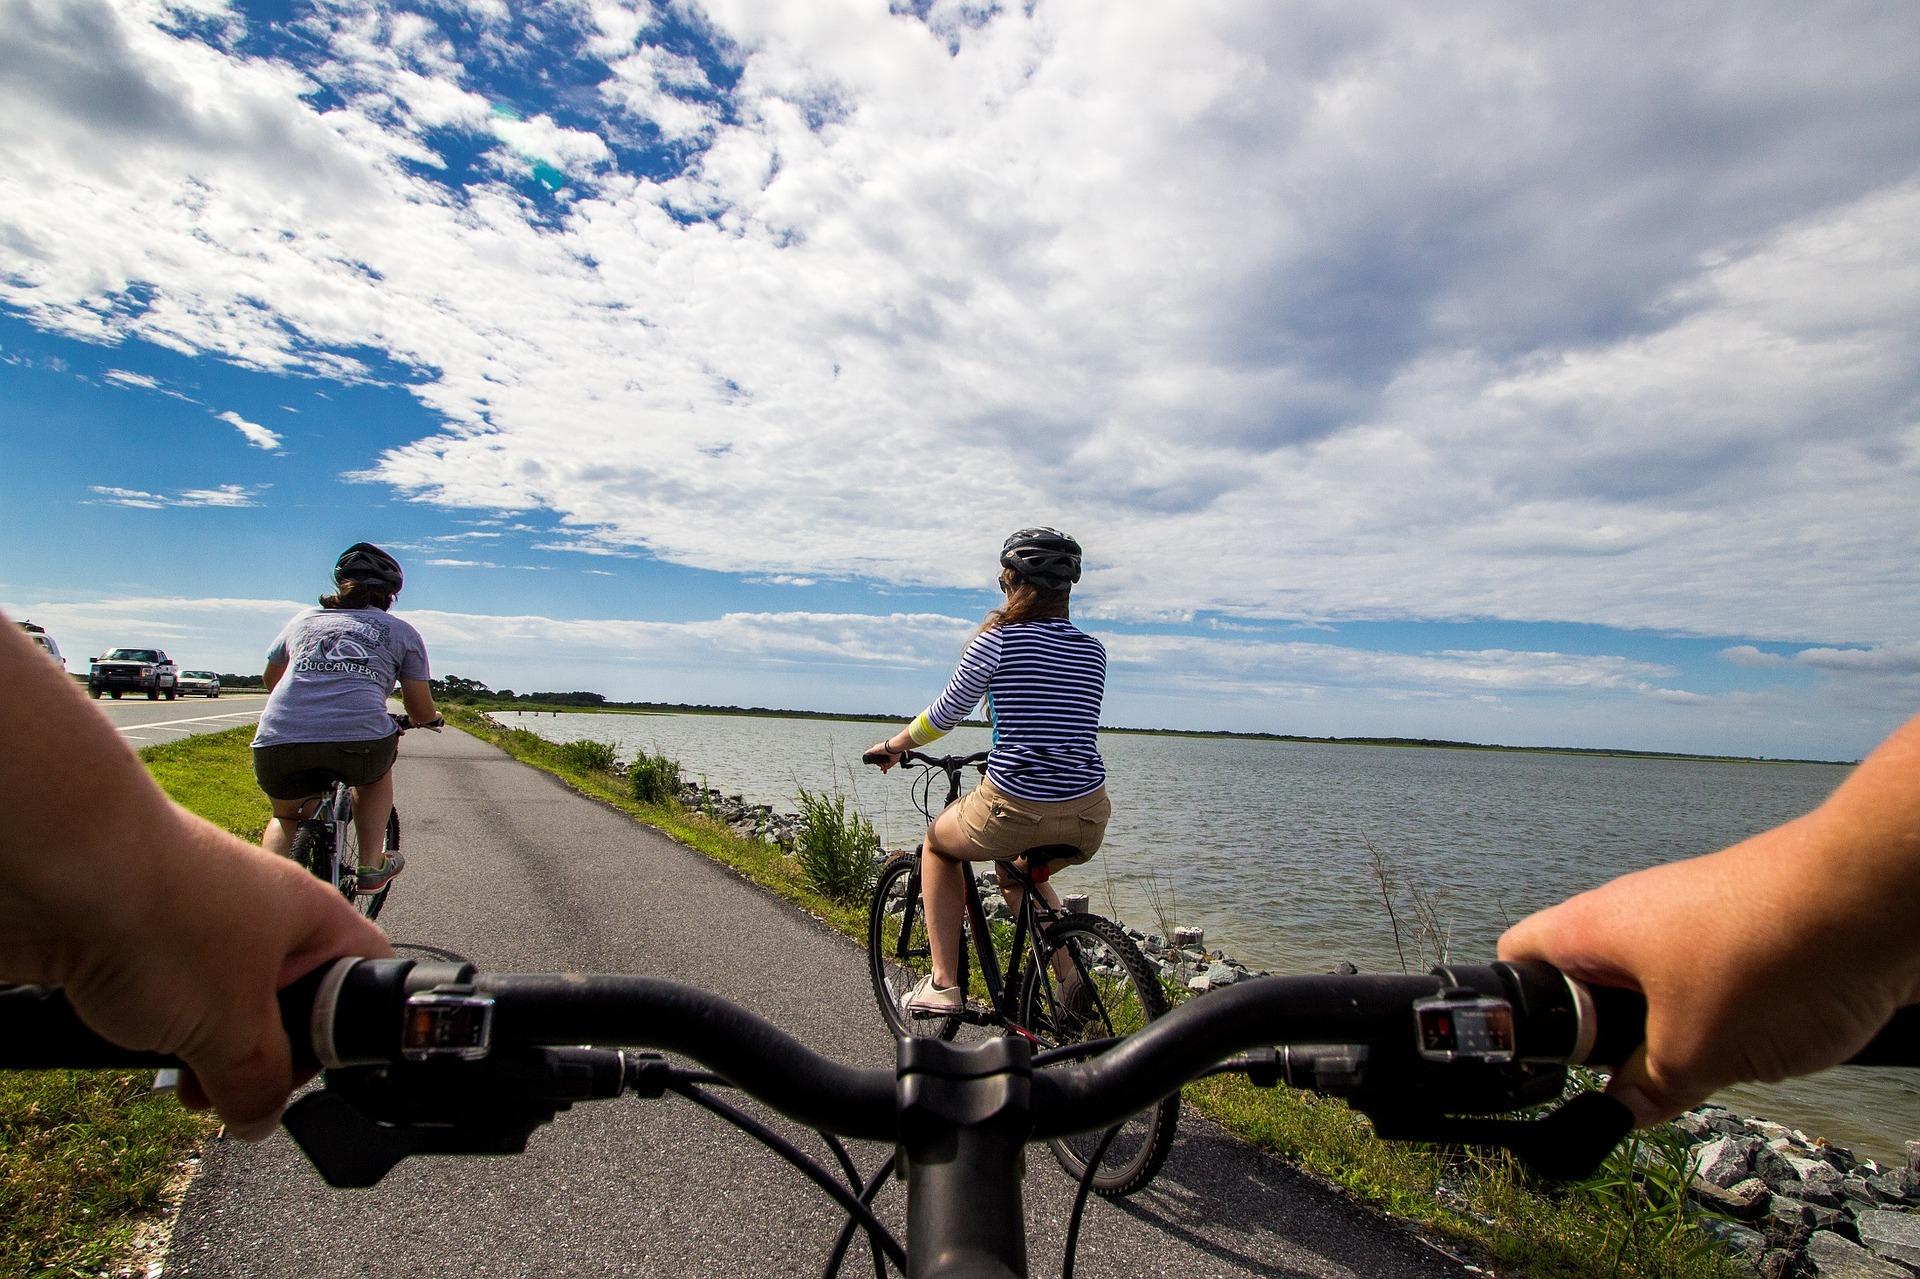 Chicos en bicicleta